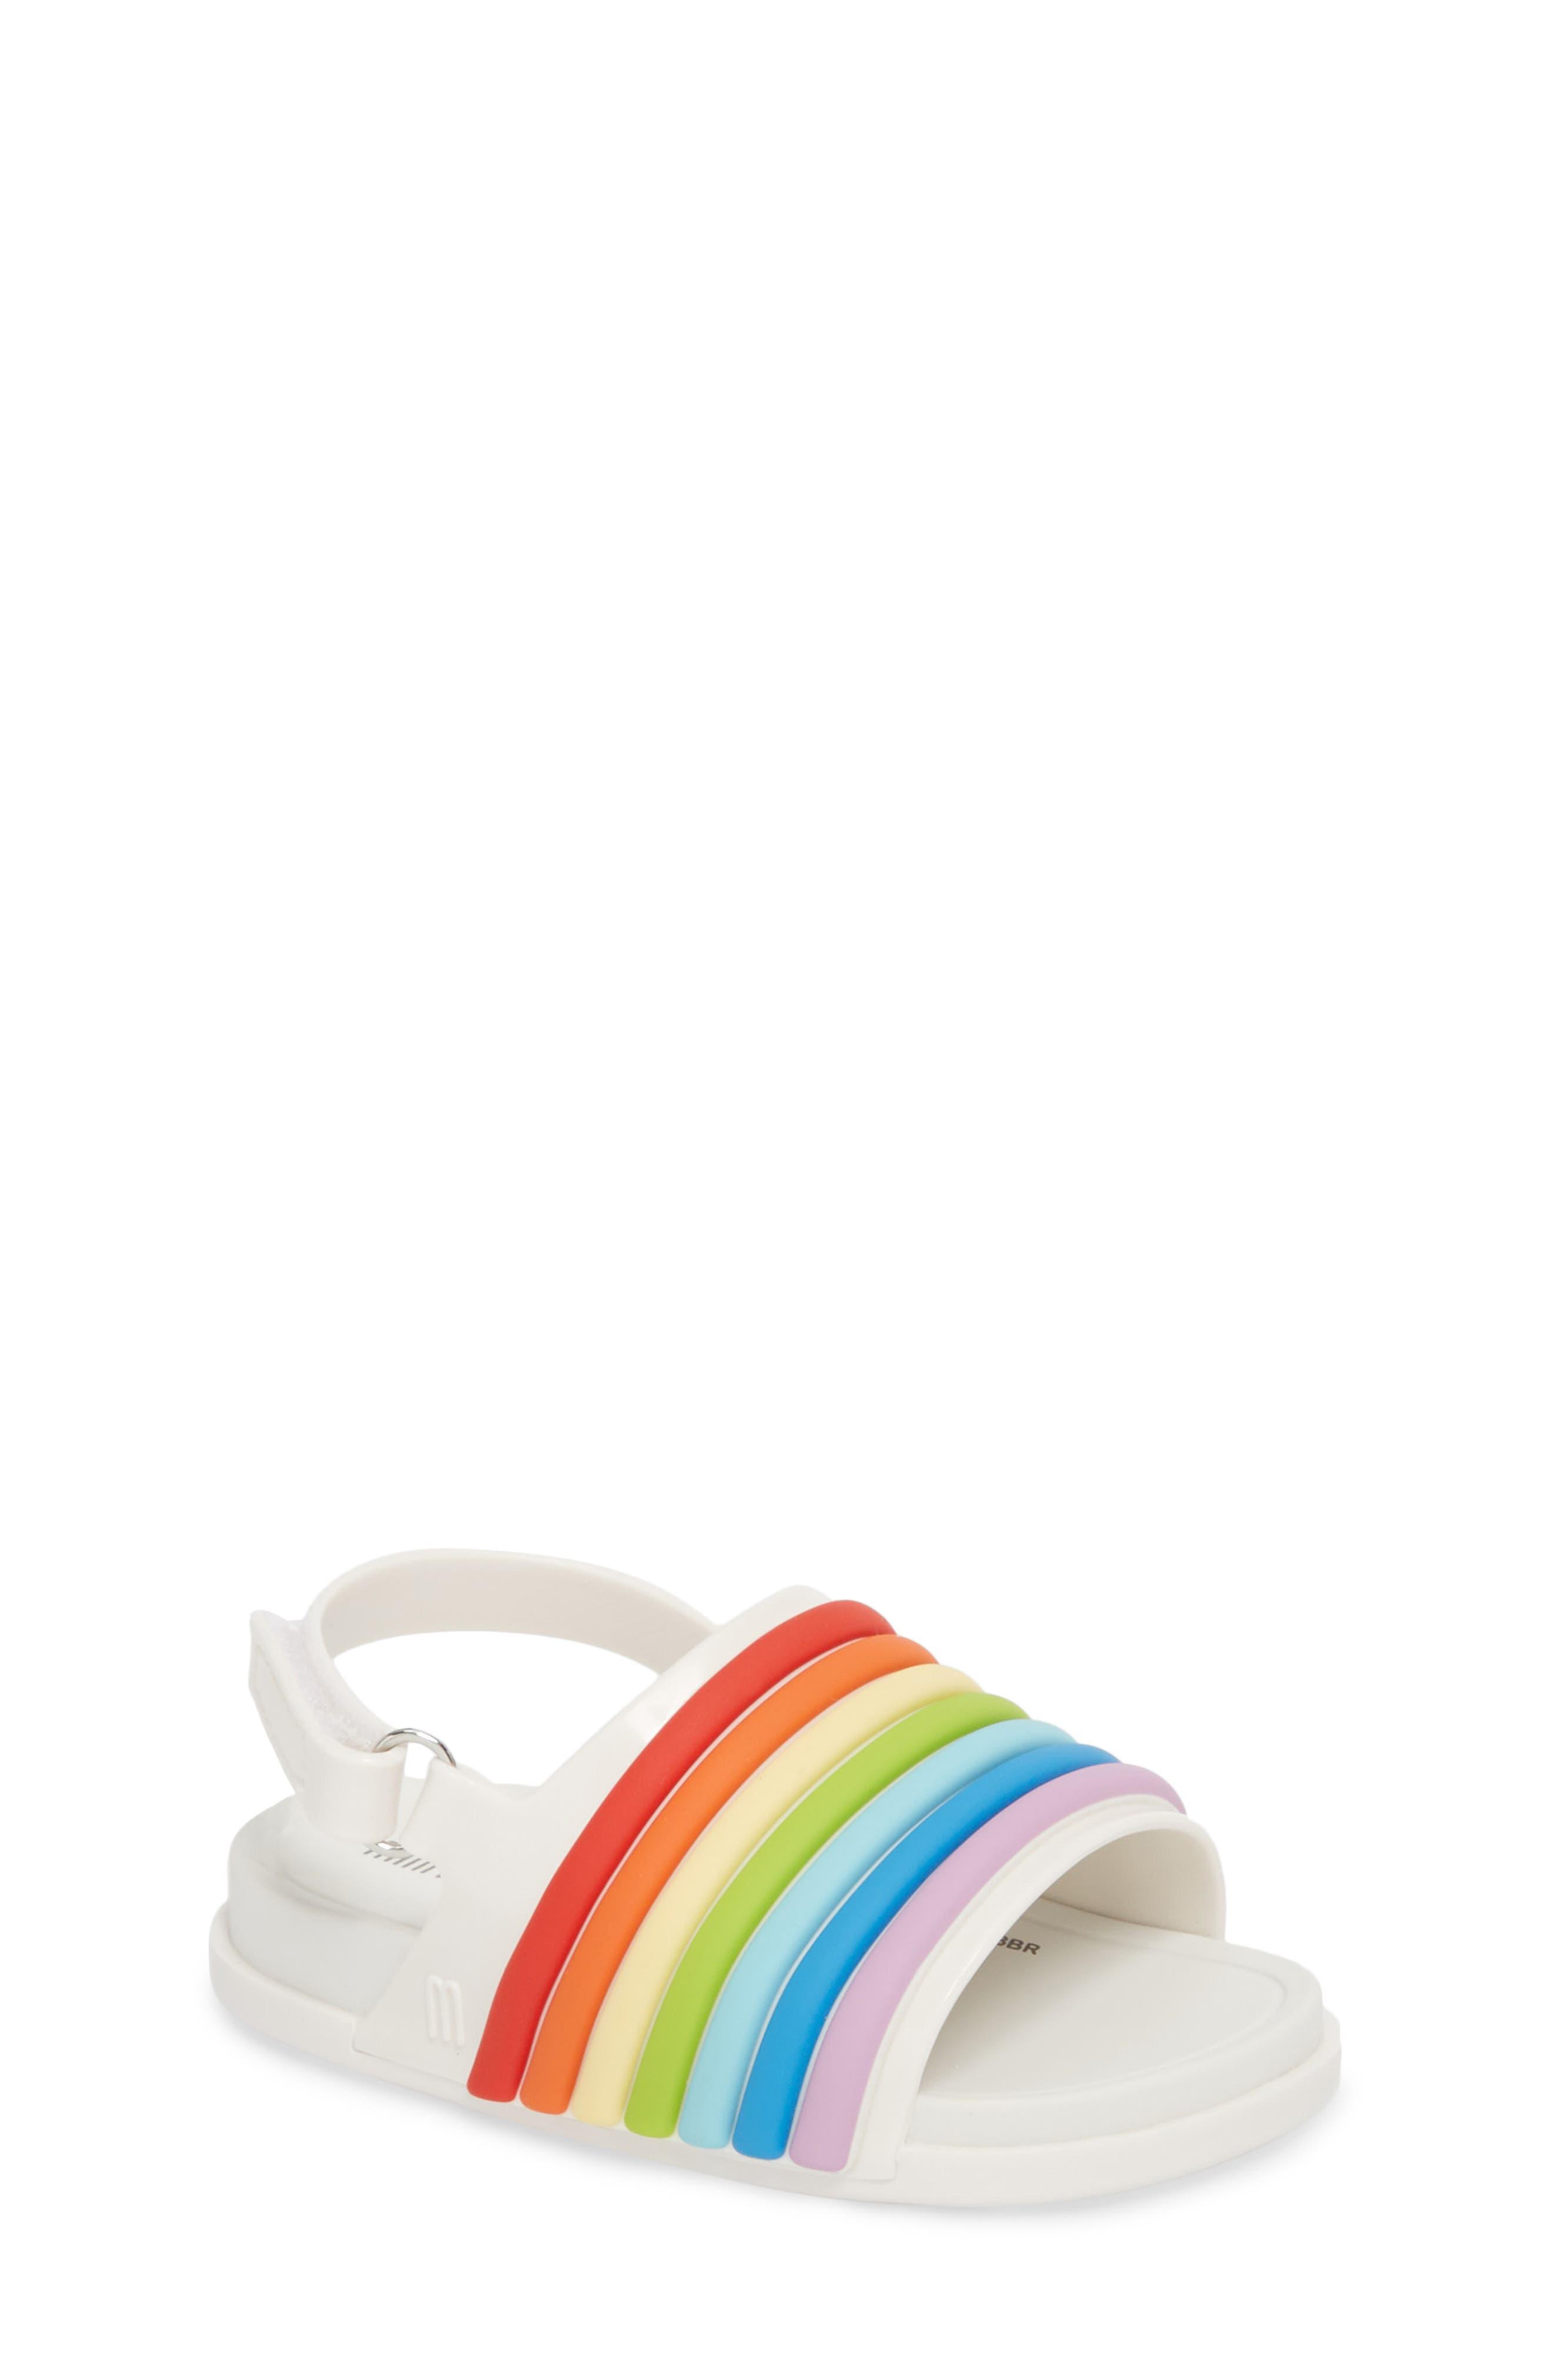 Rainbow Beach Sandal,                         Main,                         color, 100